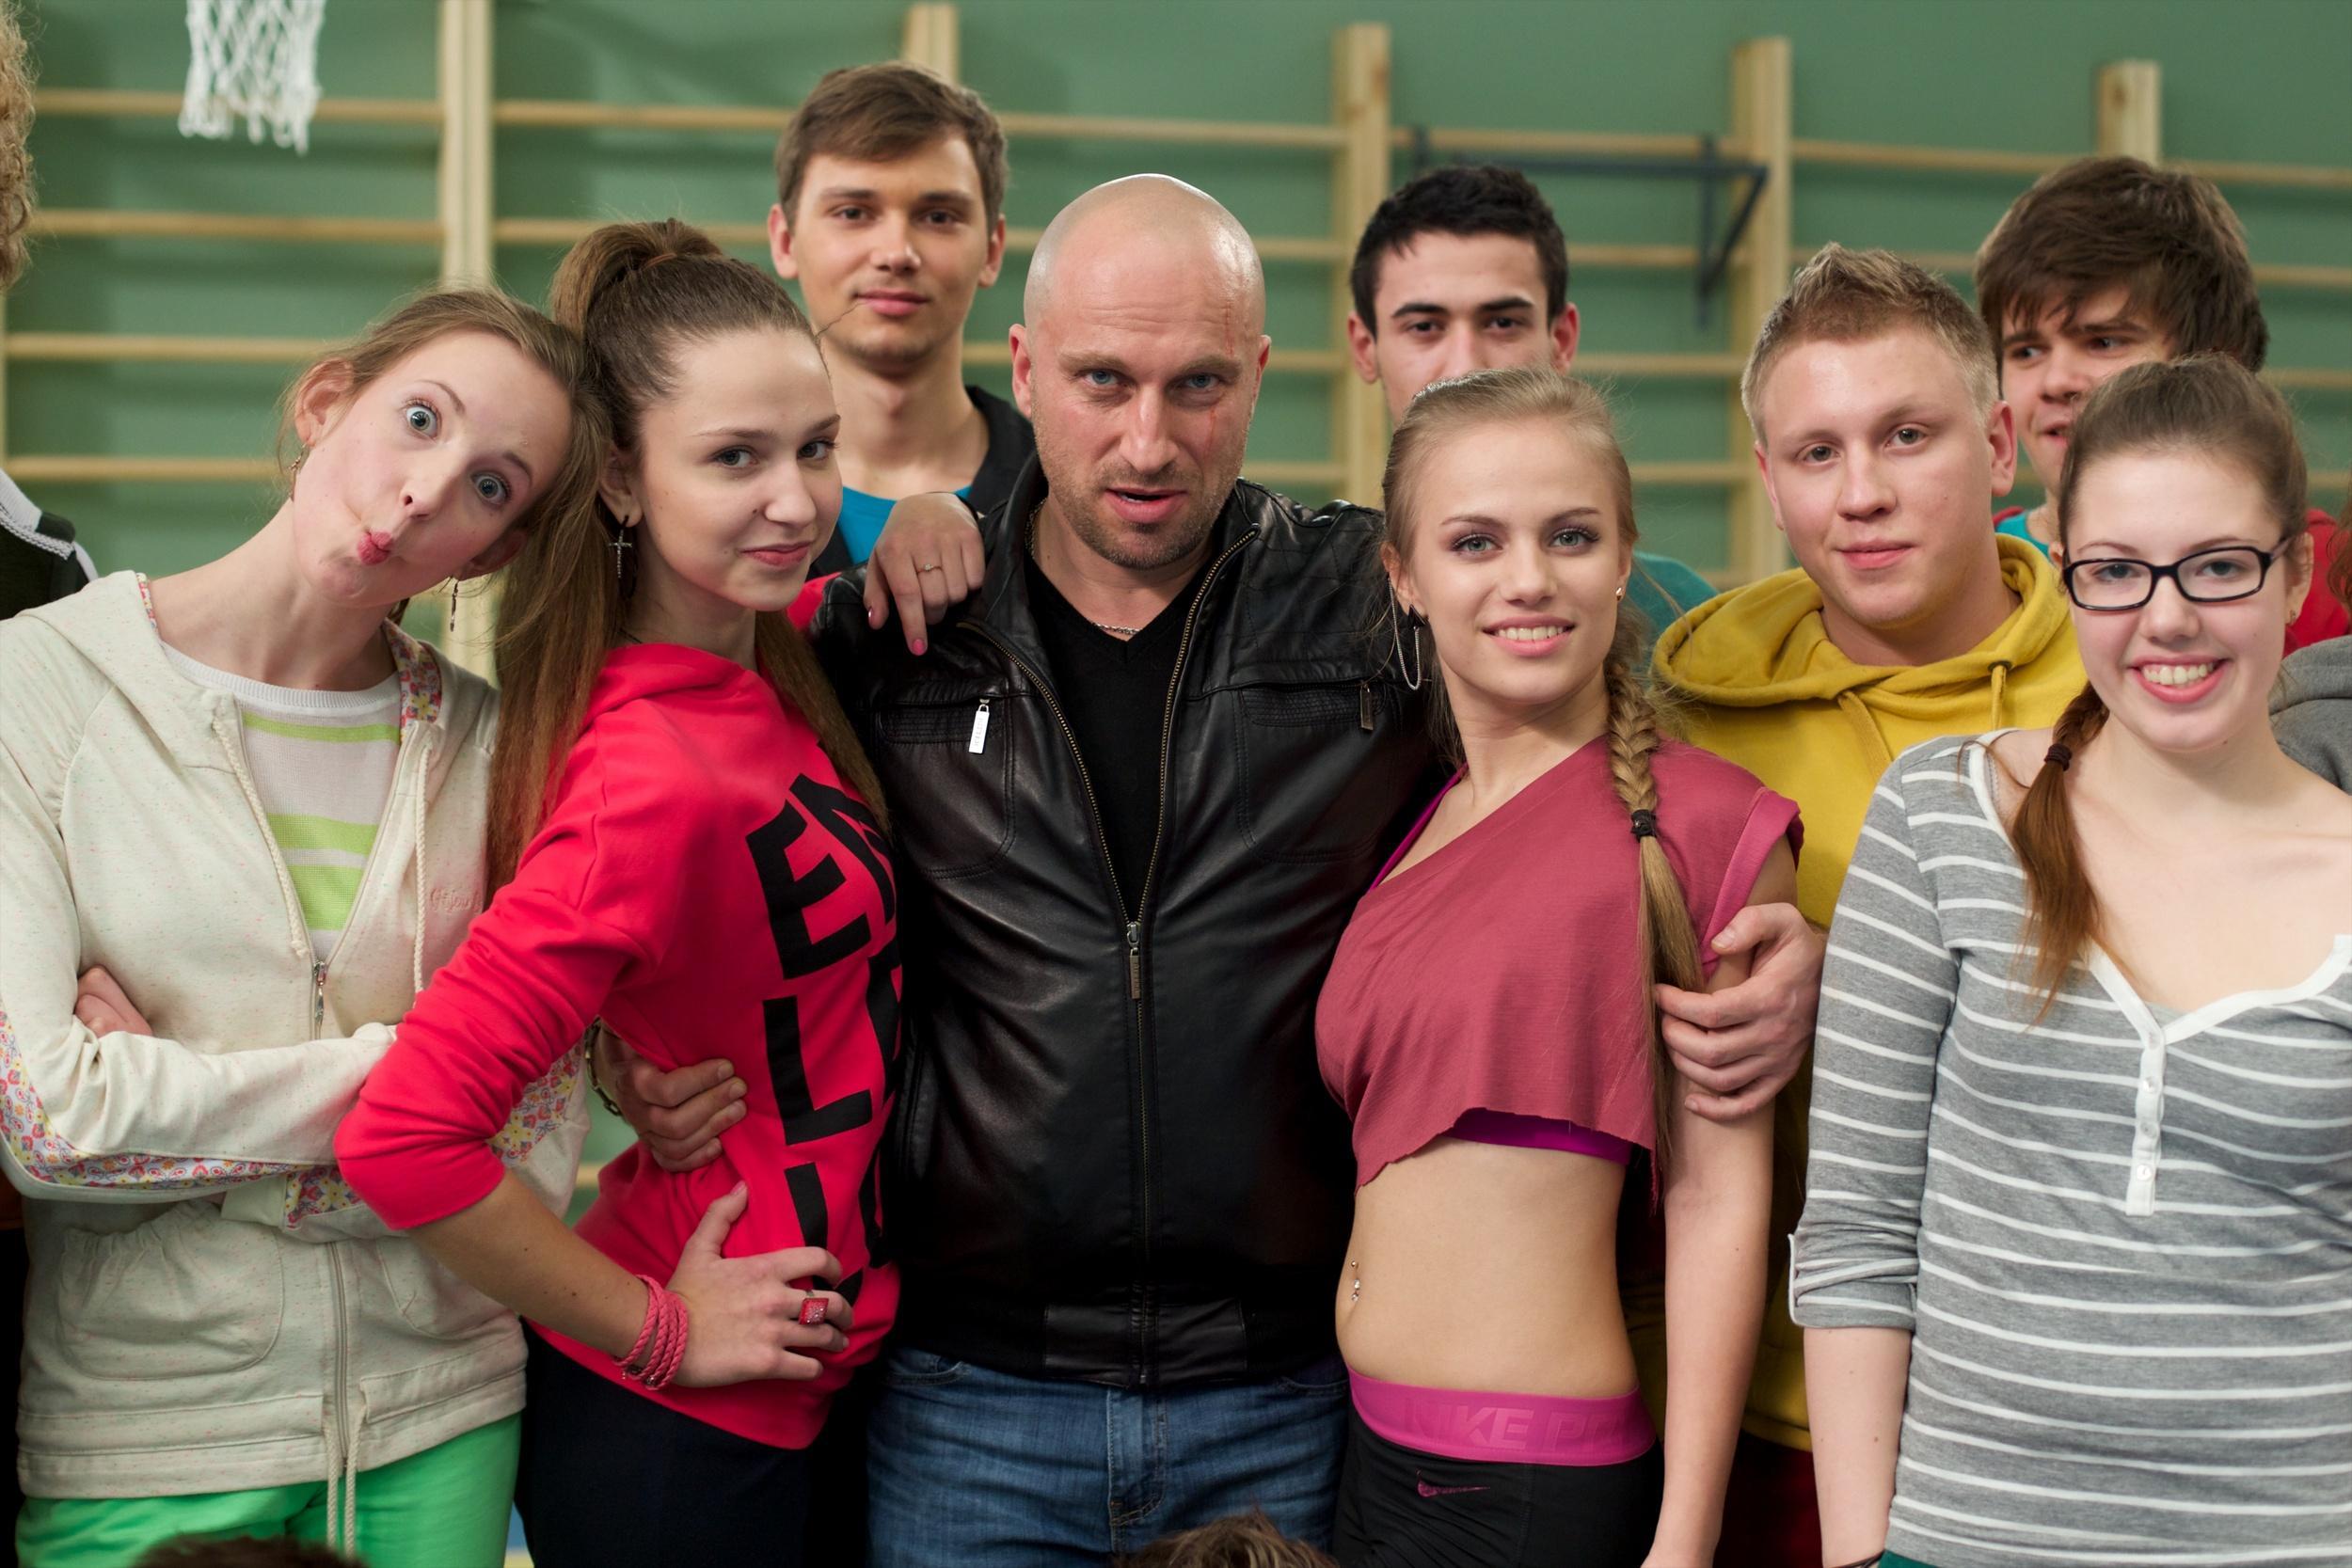 Киноляпы сериала Физрук: Смягчаем муки ожидания 3 сезона